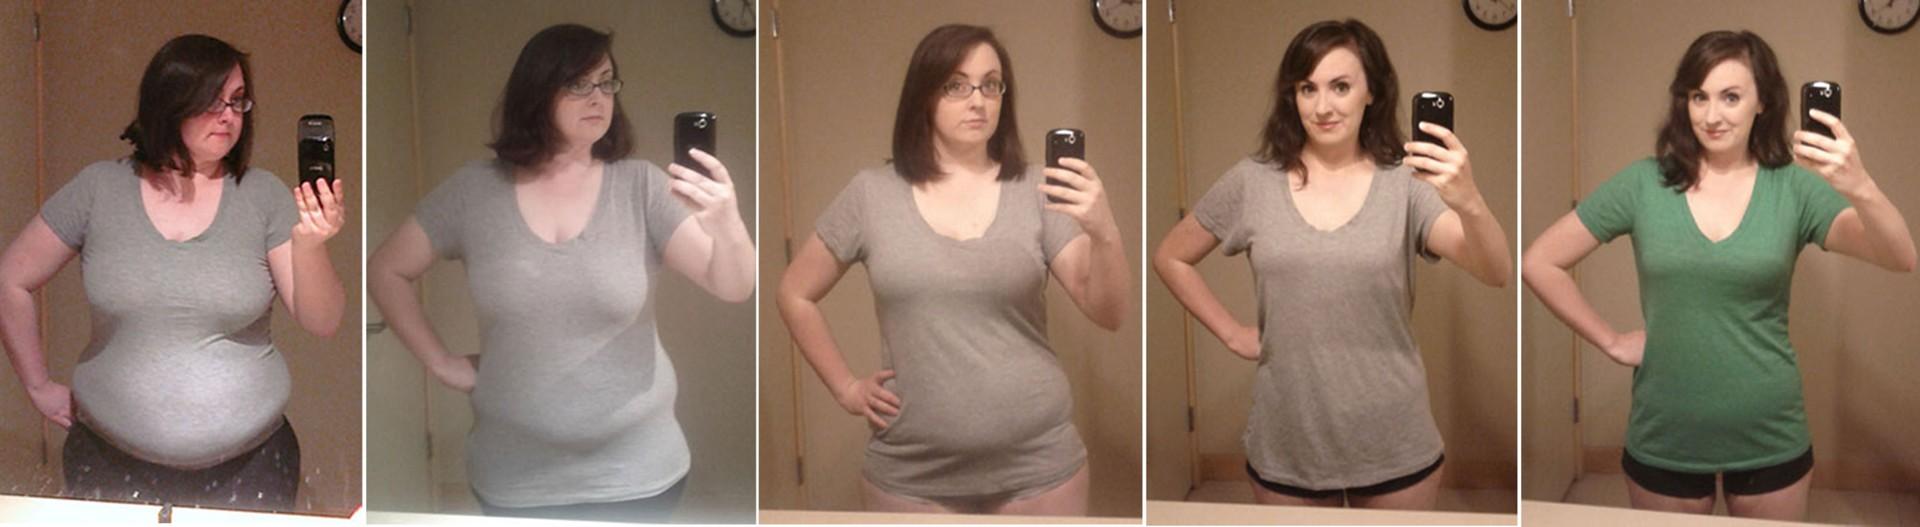 Imagens mostram Amanda, de 26 anos, durante seu processo de emagrecimento (Foto: Reprodução/Reddit/dignityblows)